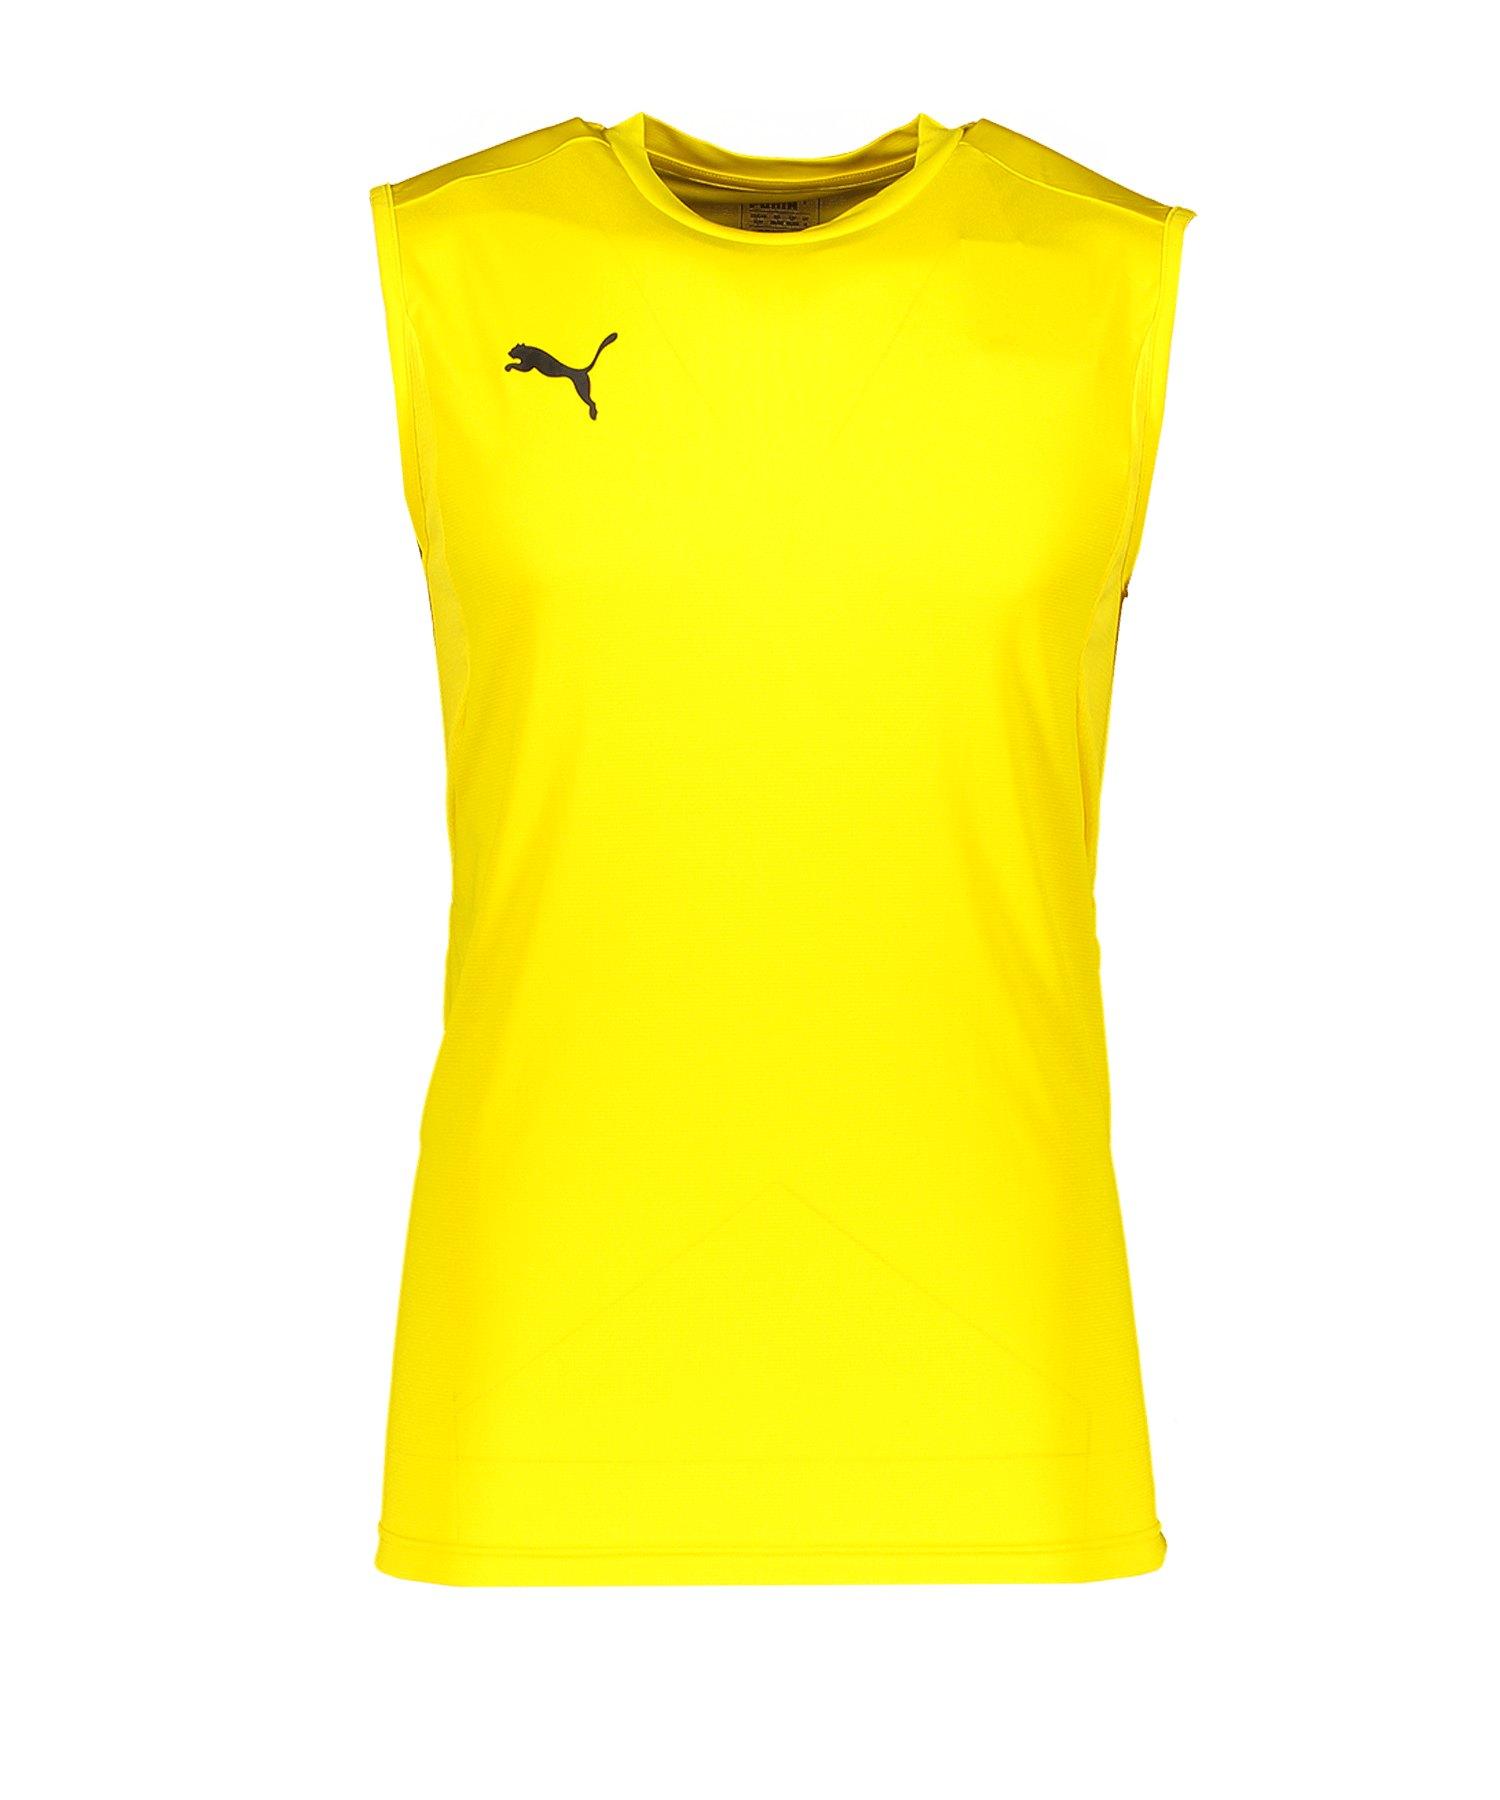 PUMA LIGA Training Jersey Sleeveless Gelb F07 - gelb